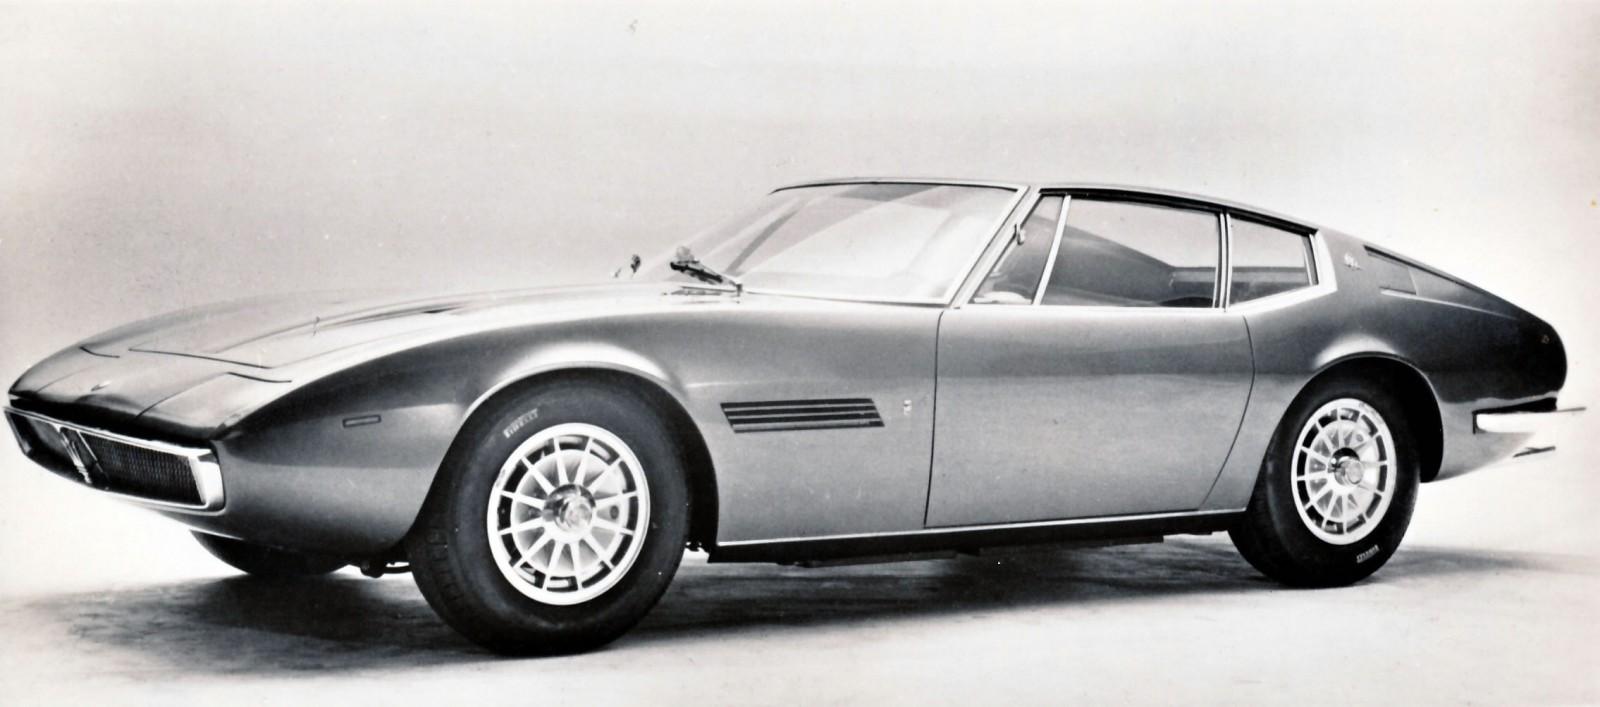 1966_Ghia_Maserati_112-1_Ghibli_01